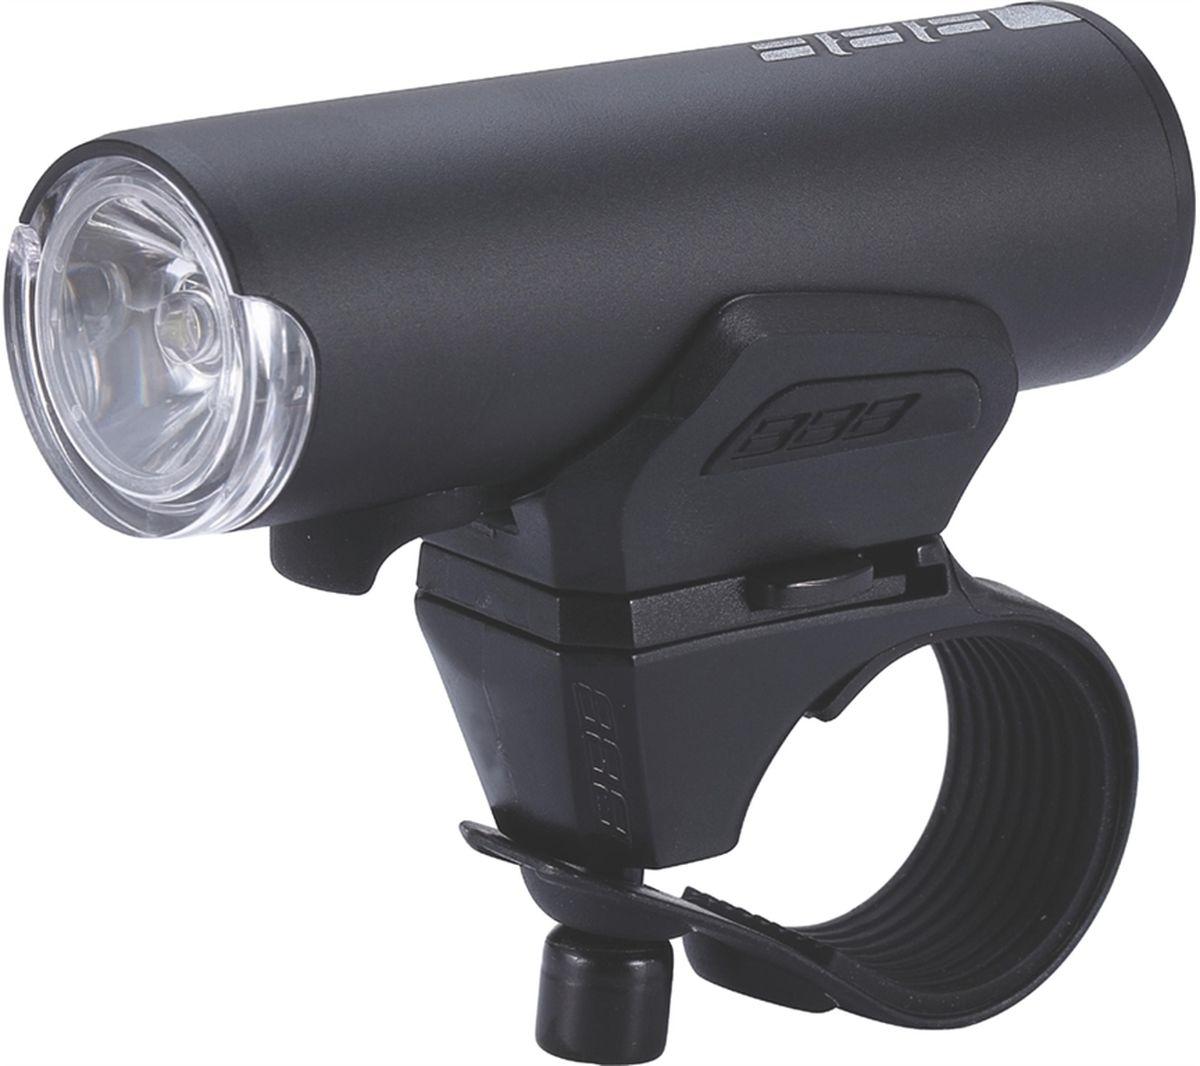 Фонарь велосипедный BBB Scout 200 Lumen LED, передний, цвет: серый, черныйBLS-115Scout - это идеальный товарищ для вашего городского, или туристического велосипеда. Он очень компактный и лёгкий, с мощным световым потоком и четырьмя режимами работы. Этот фонарь можно устанавливать как на руль, так и на шлем. Мощный светодиод XPG CREE LED со световым потоком 200 Люмен. Быстро и просто заряжается от USB. Индикатор заряда батареи. Водонепроницаемый. Алюминиевый корпус. Литий-полимерный аккумулятор (1000mAh, 3.7V). 4 режима: яркий, стандартный, экономичный и мигающий. В комплекте крепление на руль TightFix (BLS-94). В комплекте кабель micro USB. Вес: 100 гр. (в комплекте с креплением). Размер: 31 х 32 х 86 мм. Цвет: черный.